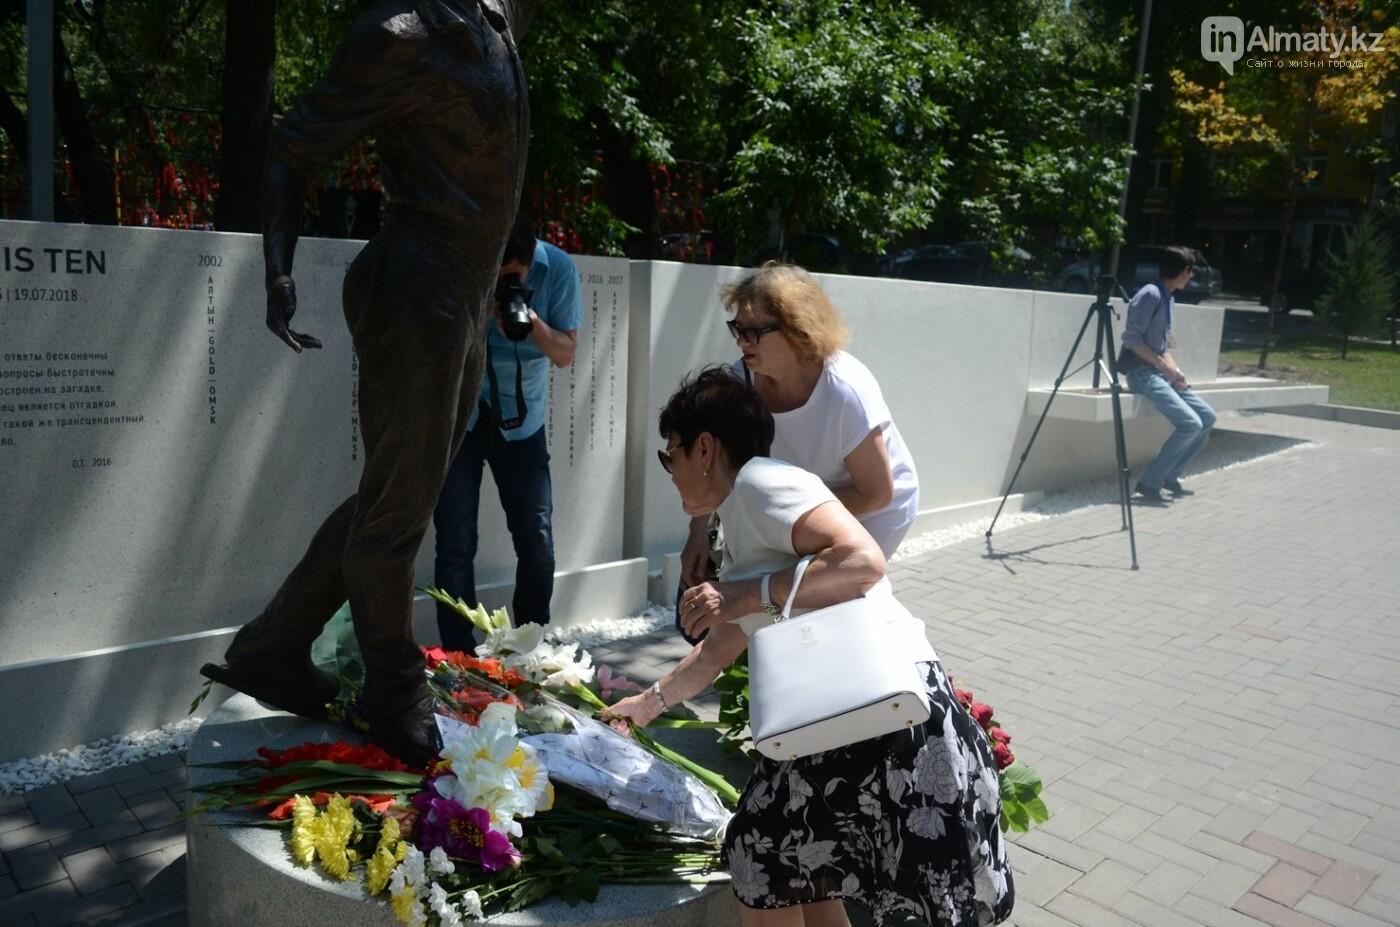 Алматинцы приносят цветы к памятнику Дениса Тена (фото), фото-6